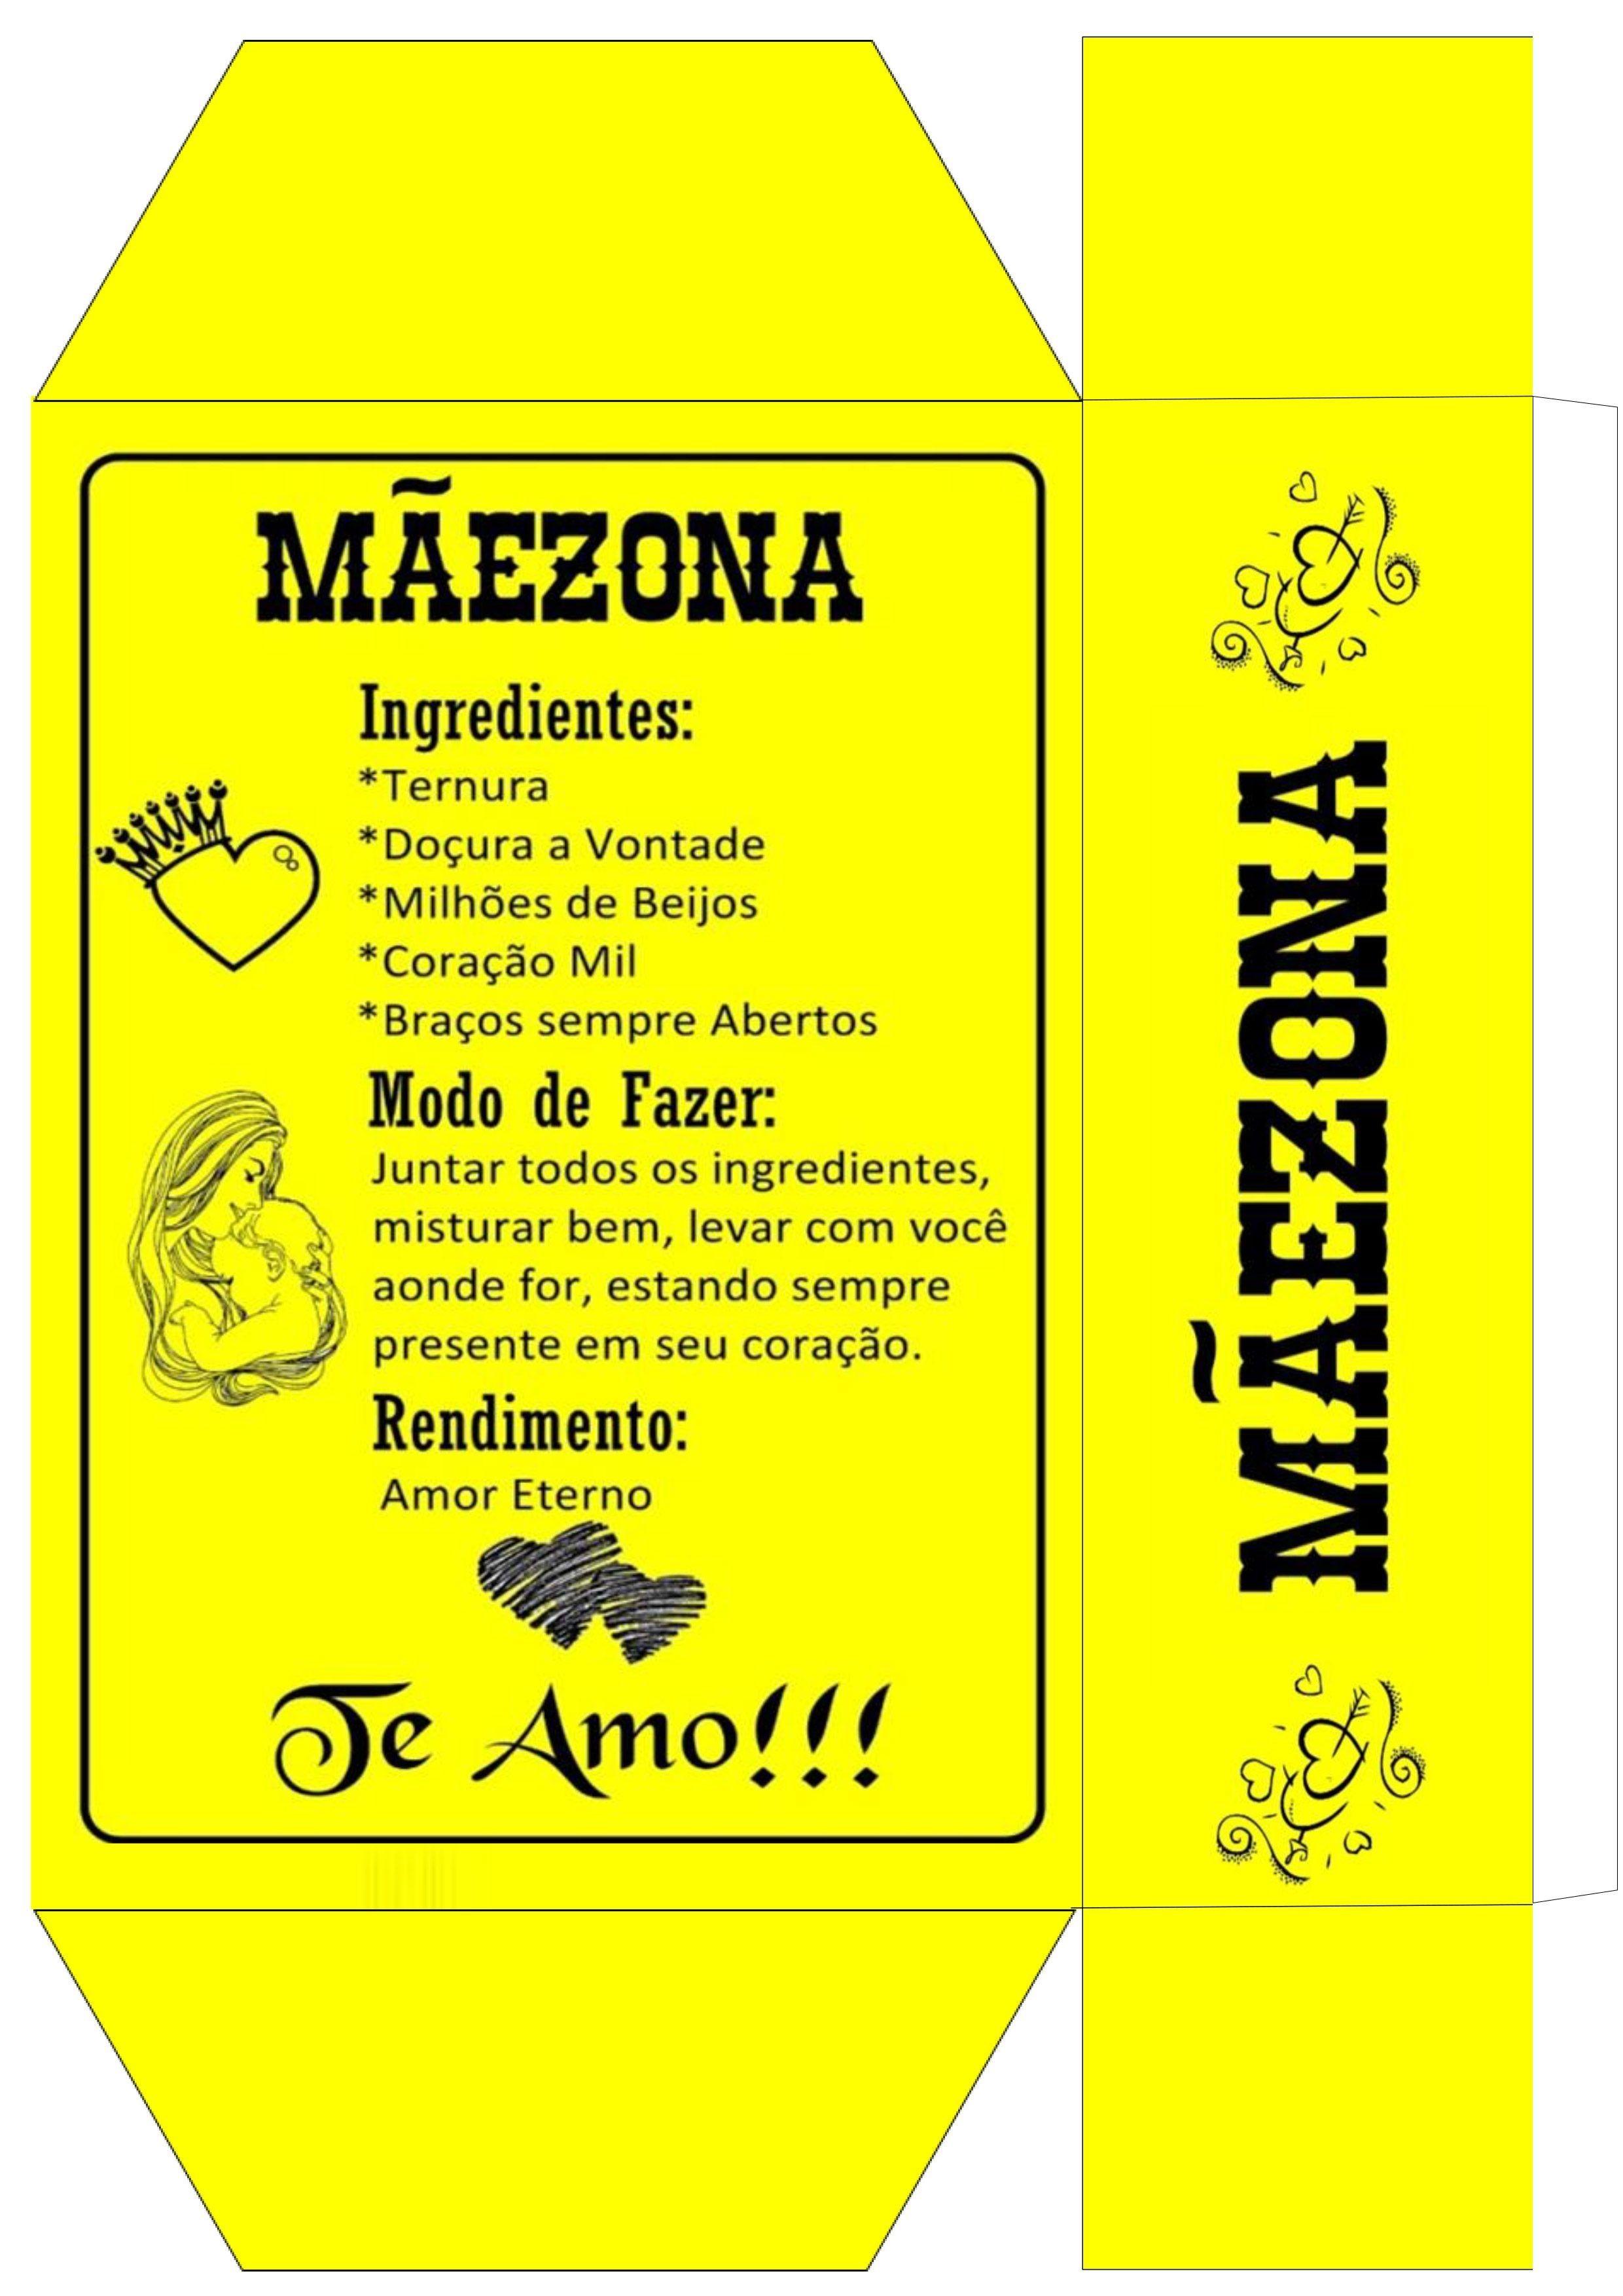 Calendario 2019 Com todas as Datas Comemorativas Recientes Caixa Maezona Presente Dia Das Maes Personalizado Parte 2 Of Calendario 2019 Com todas as Datas Comemorativas Más Recientes Life Planner Personalizado Floral Marmorizado No Elo7